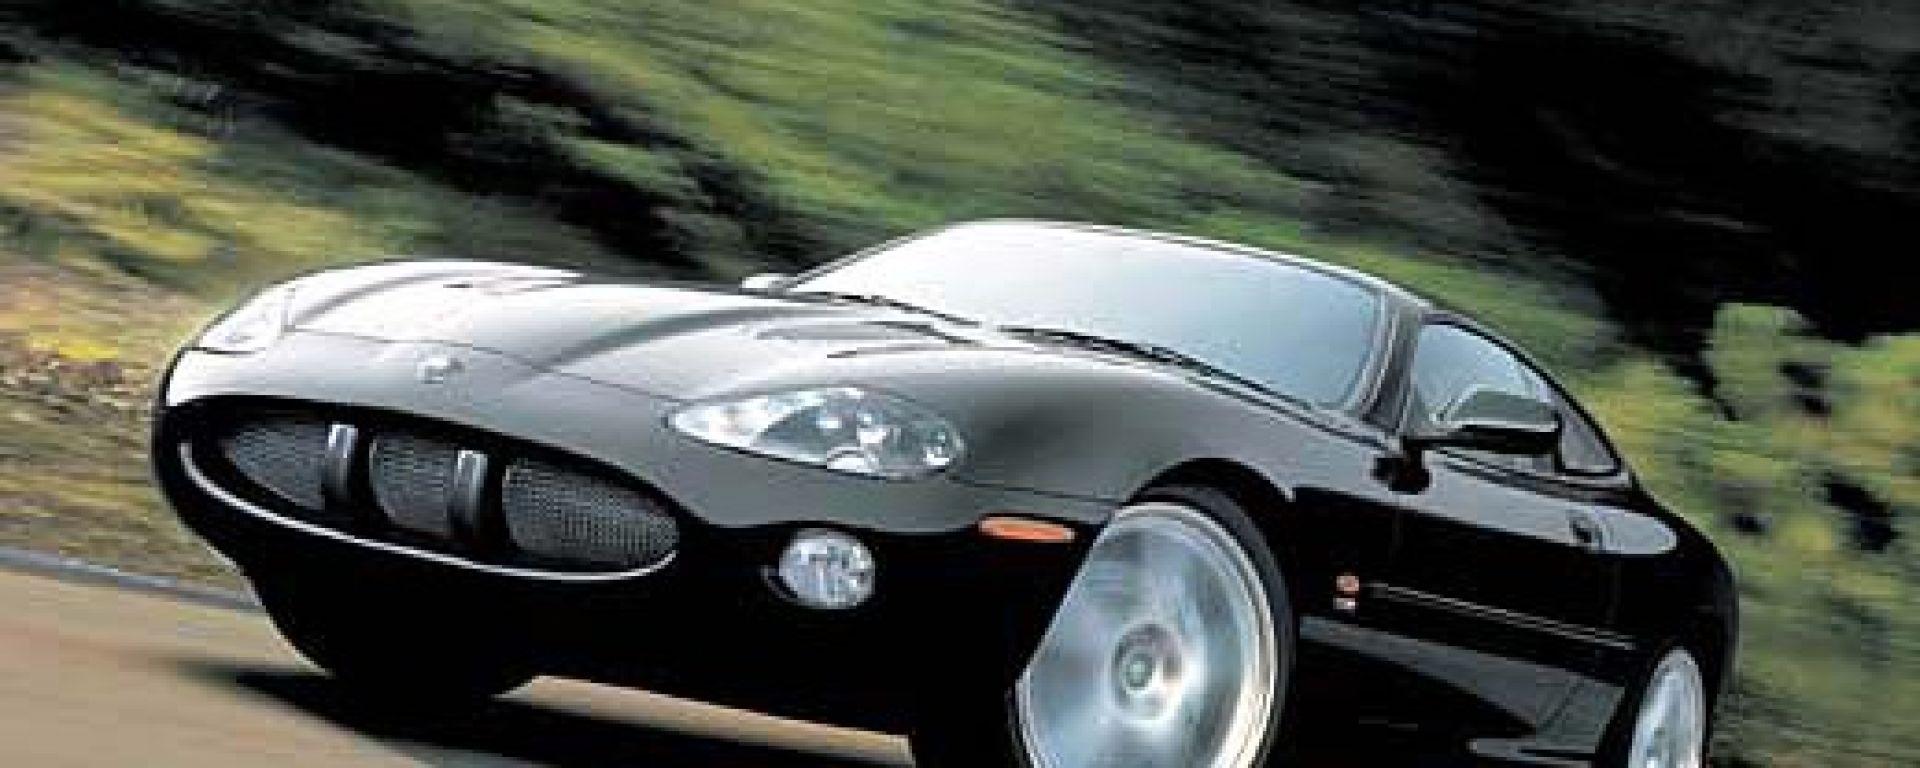 Su strada con la Jaguar XK my 2003